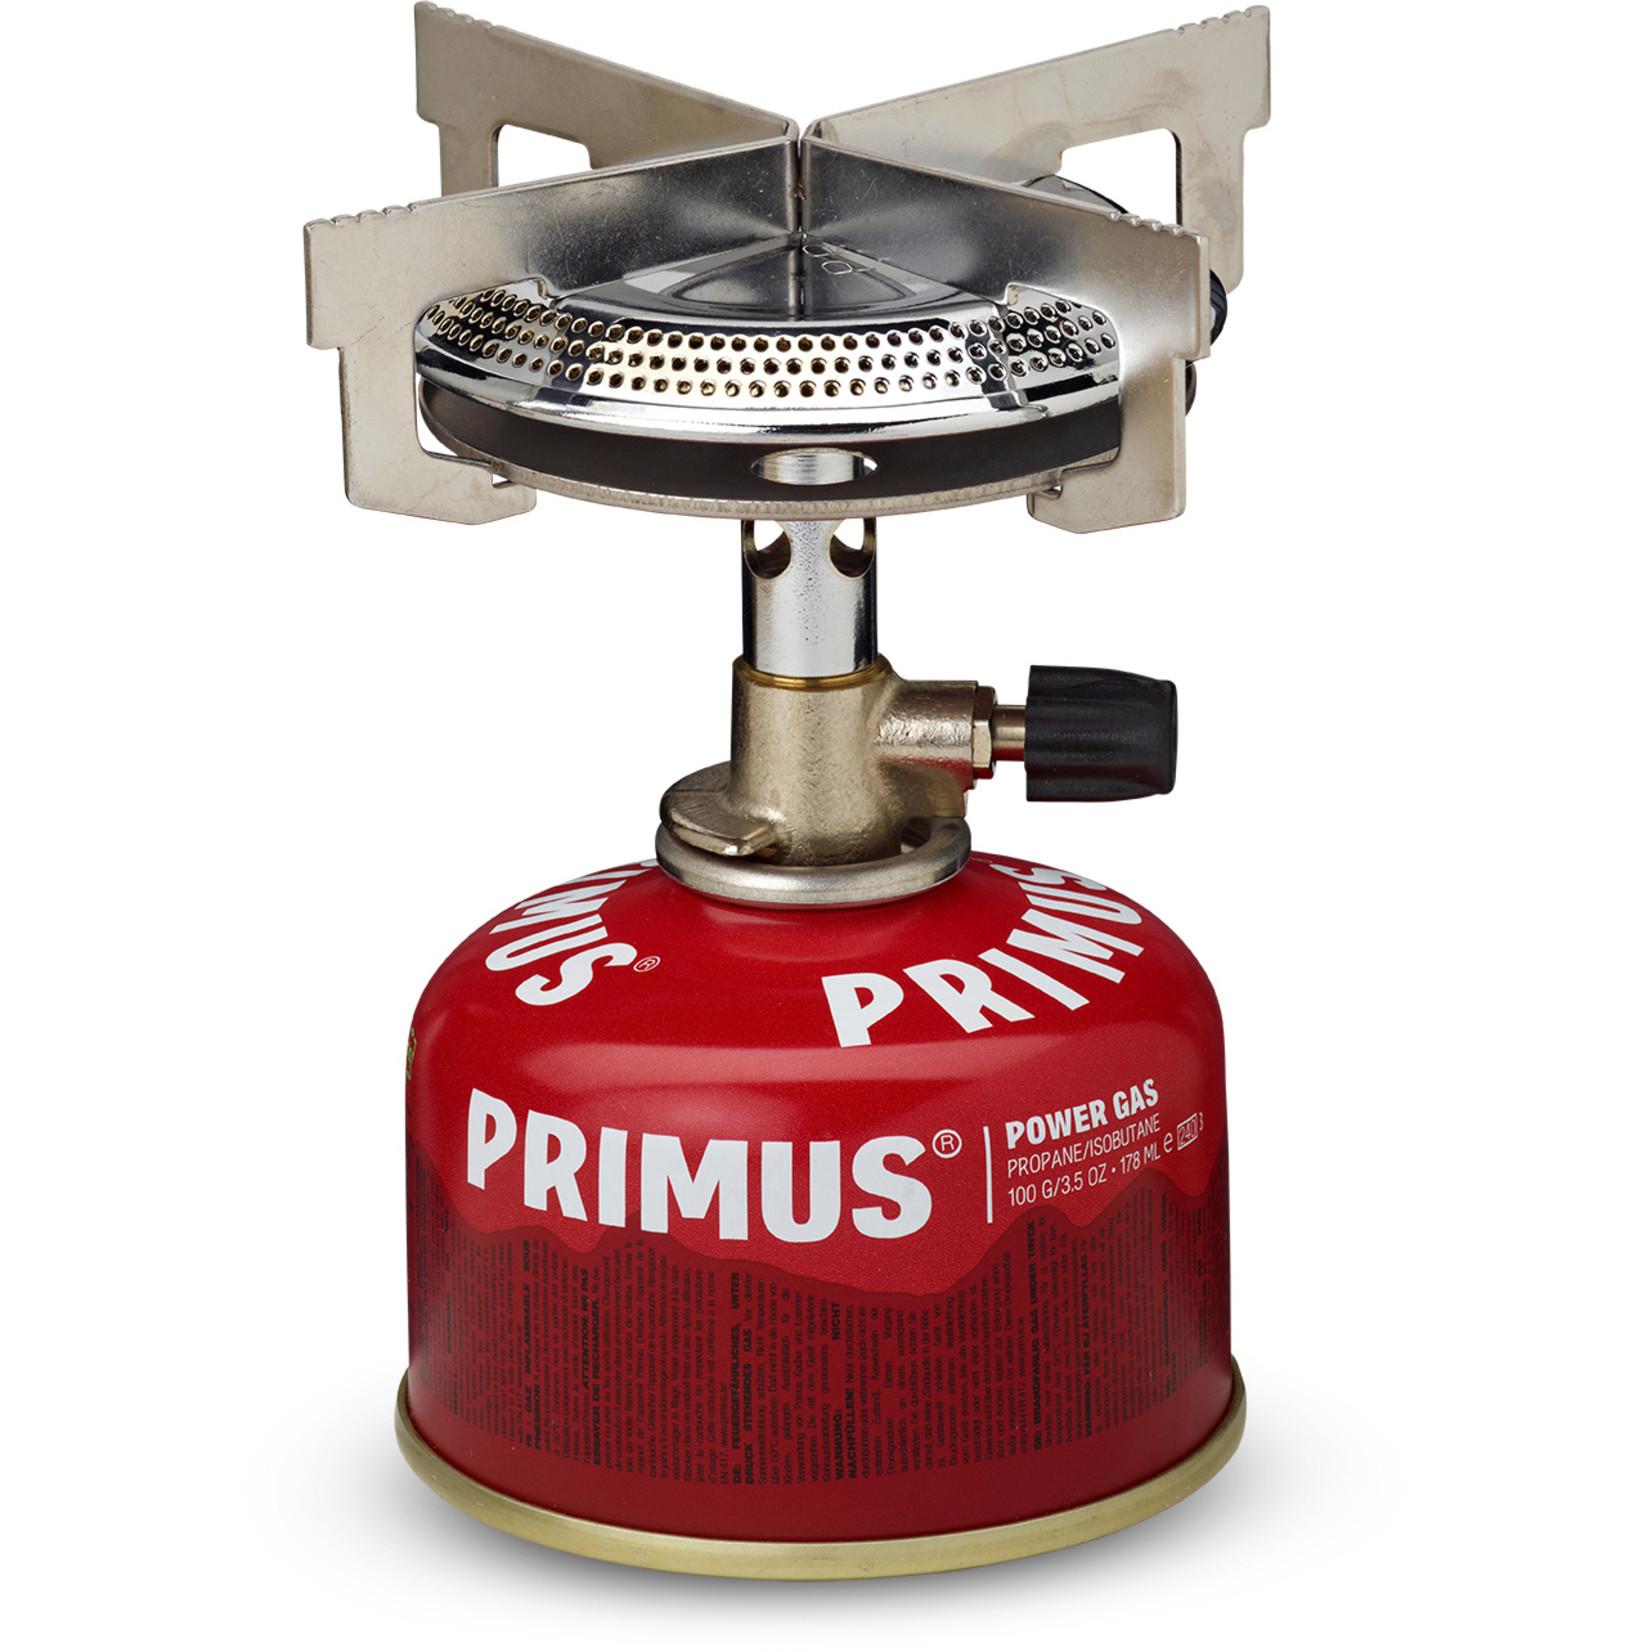 Primus Primus Mimer Stove duo campingbrander